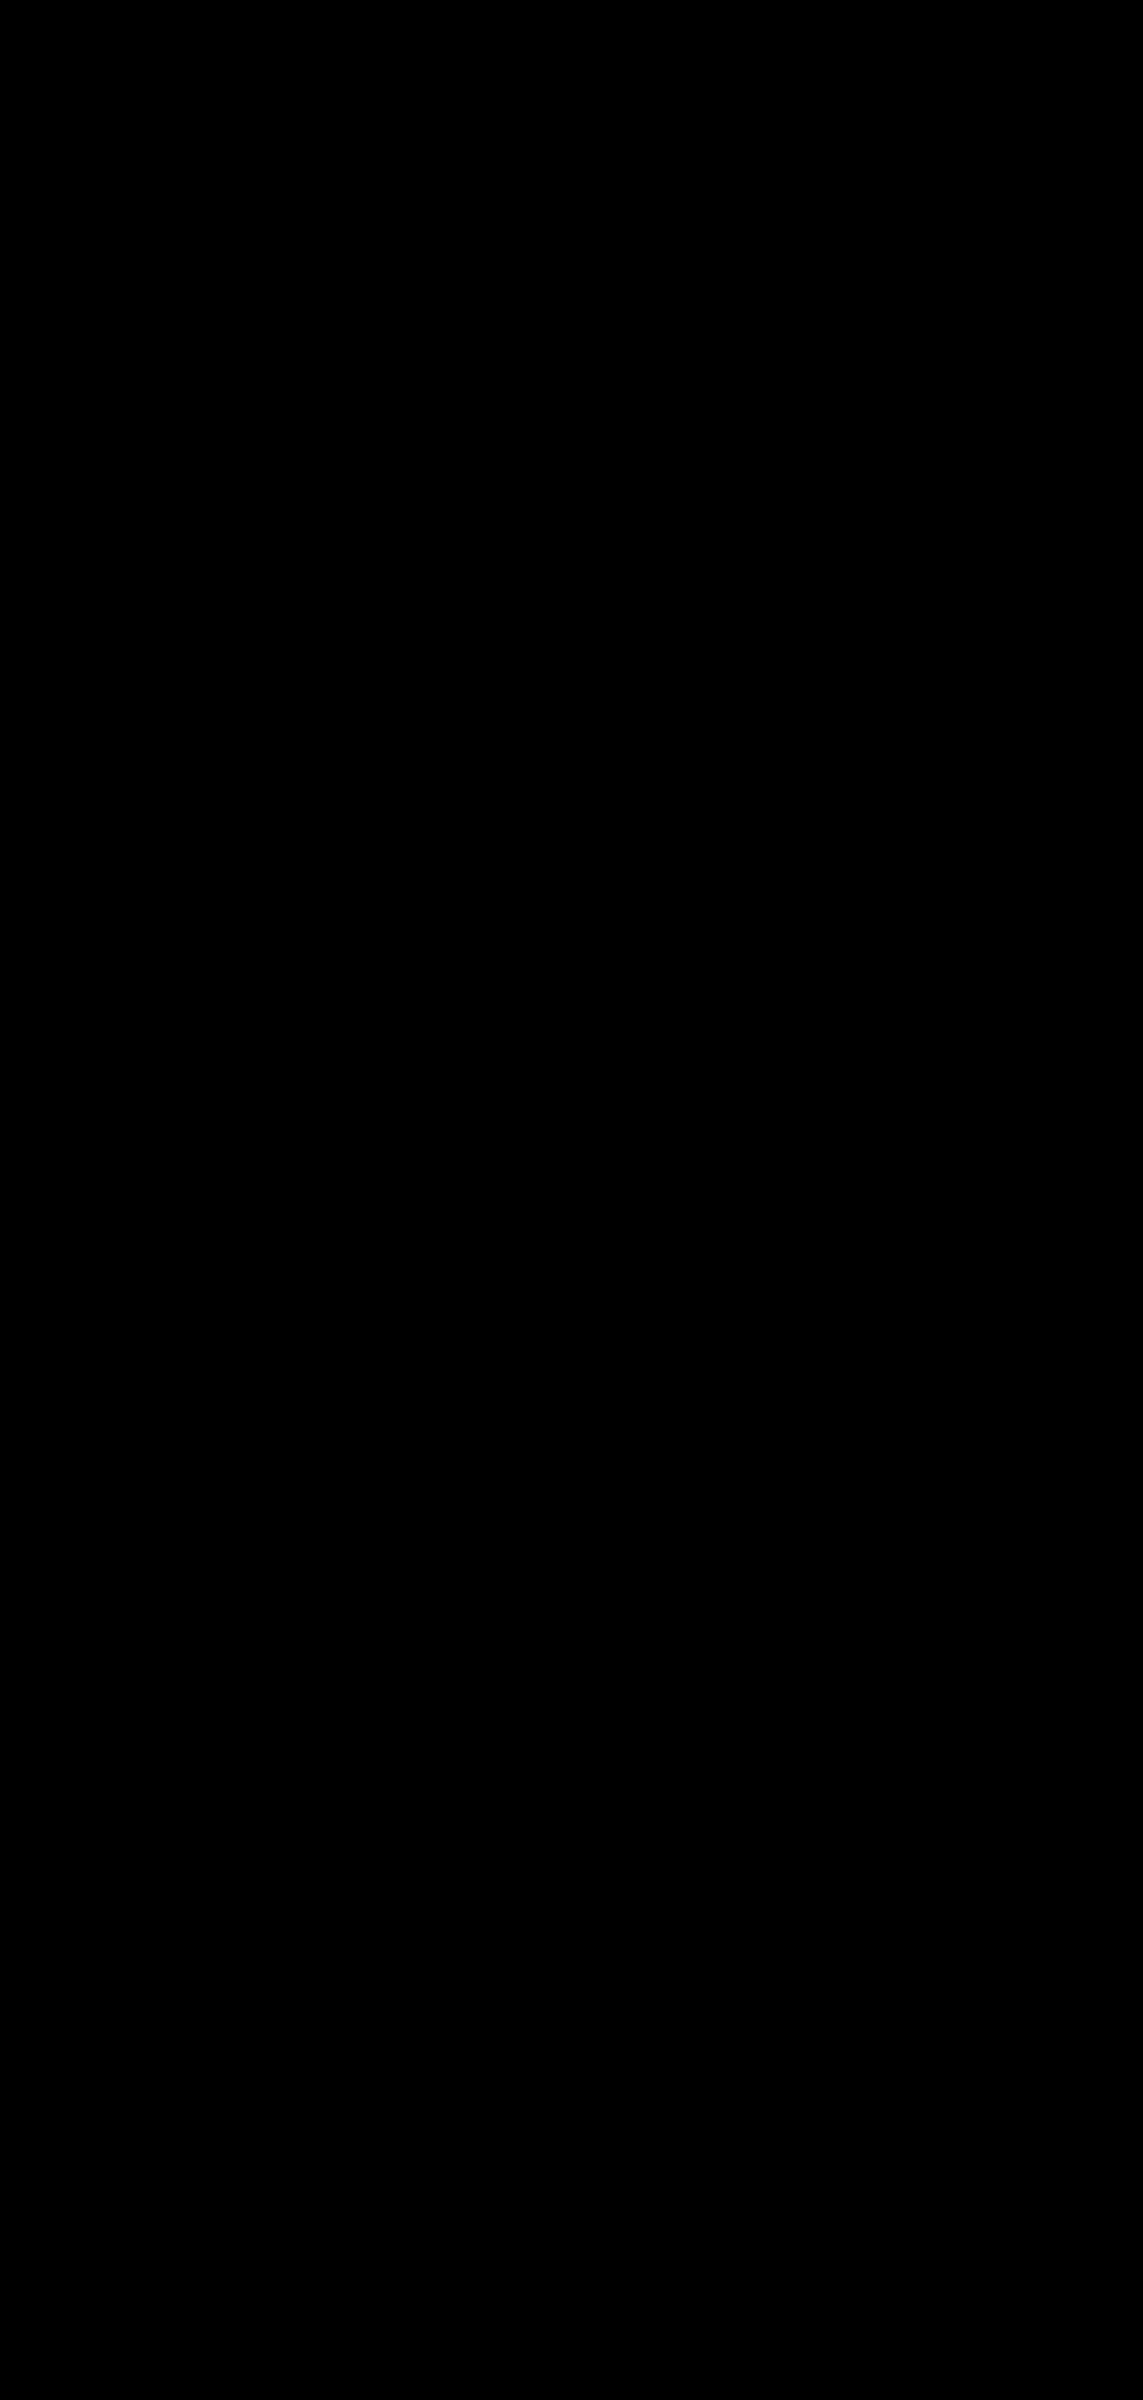 Clipart piano easy. Dragon silhouette big image